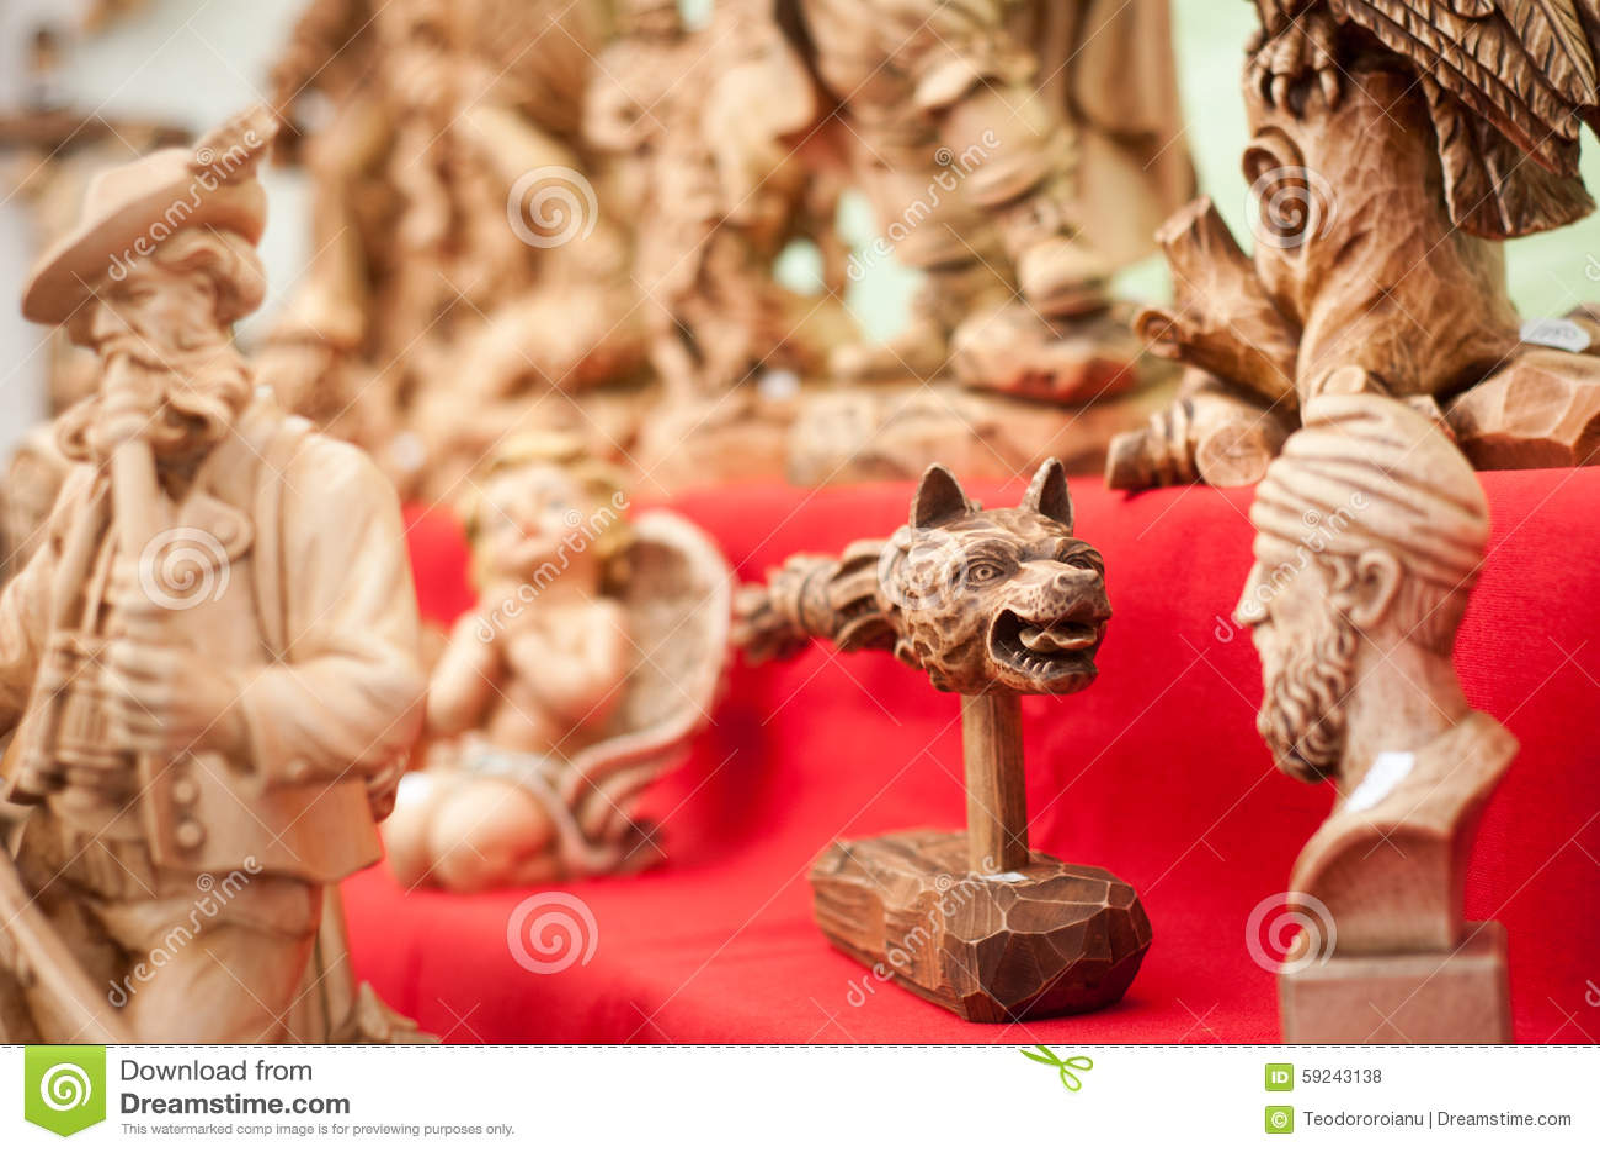 Download Esculturas De Madera Tradicionales Foto de archivo - Imagen de carving, visualización: 59243138